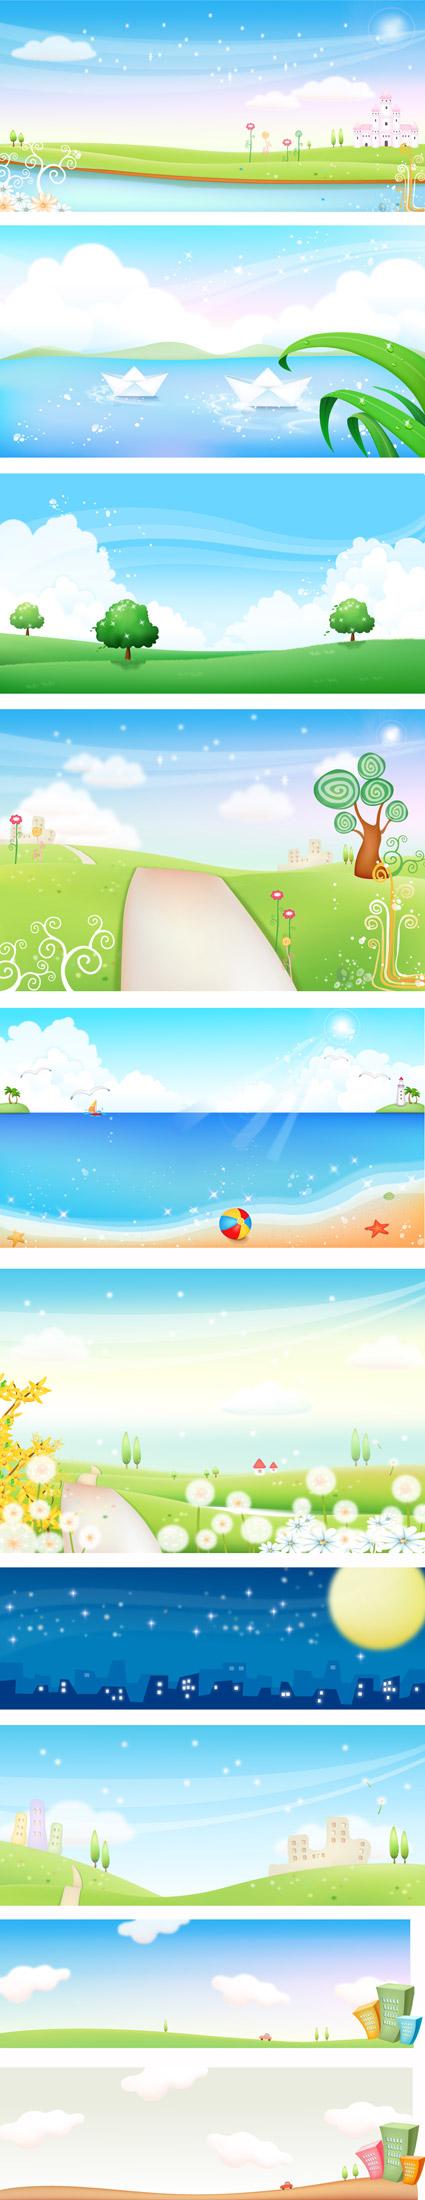 paisaje de primavera y verano